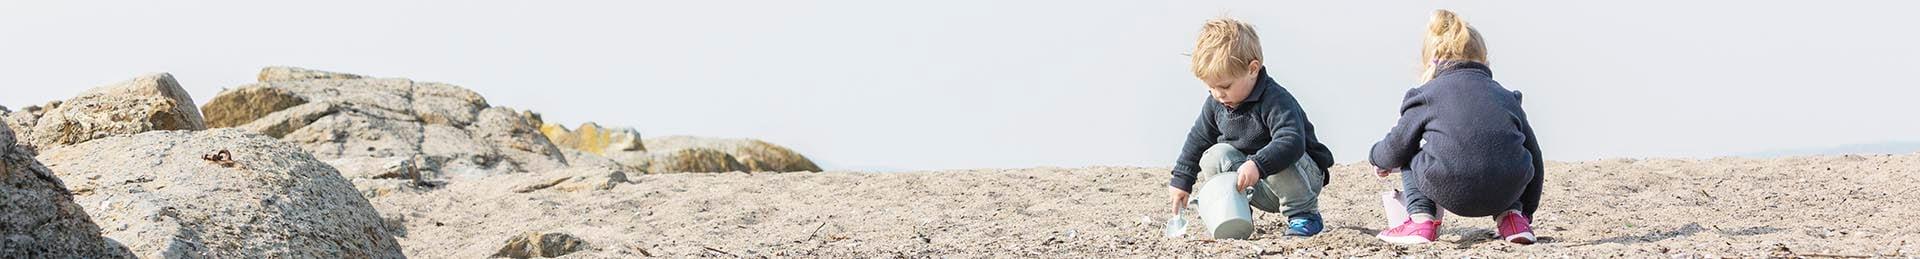 Gutt_og_pike_på_stranden_1920x259